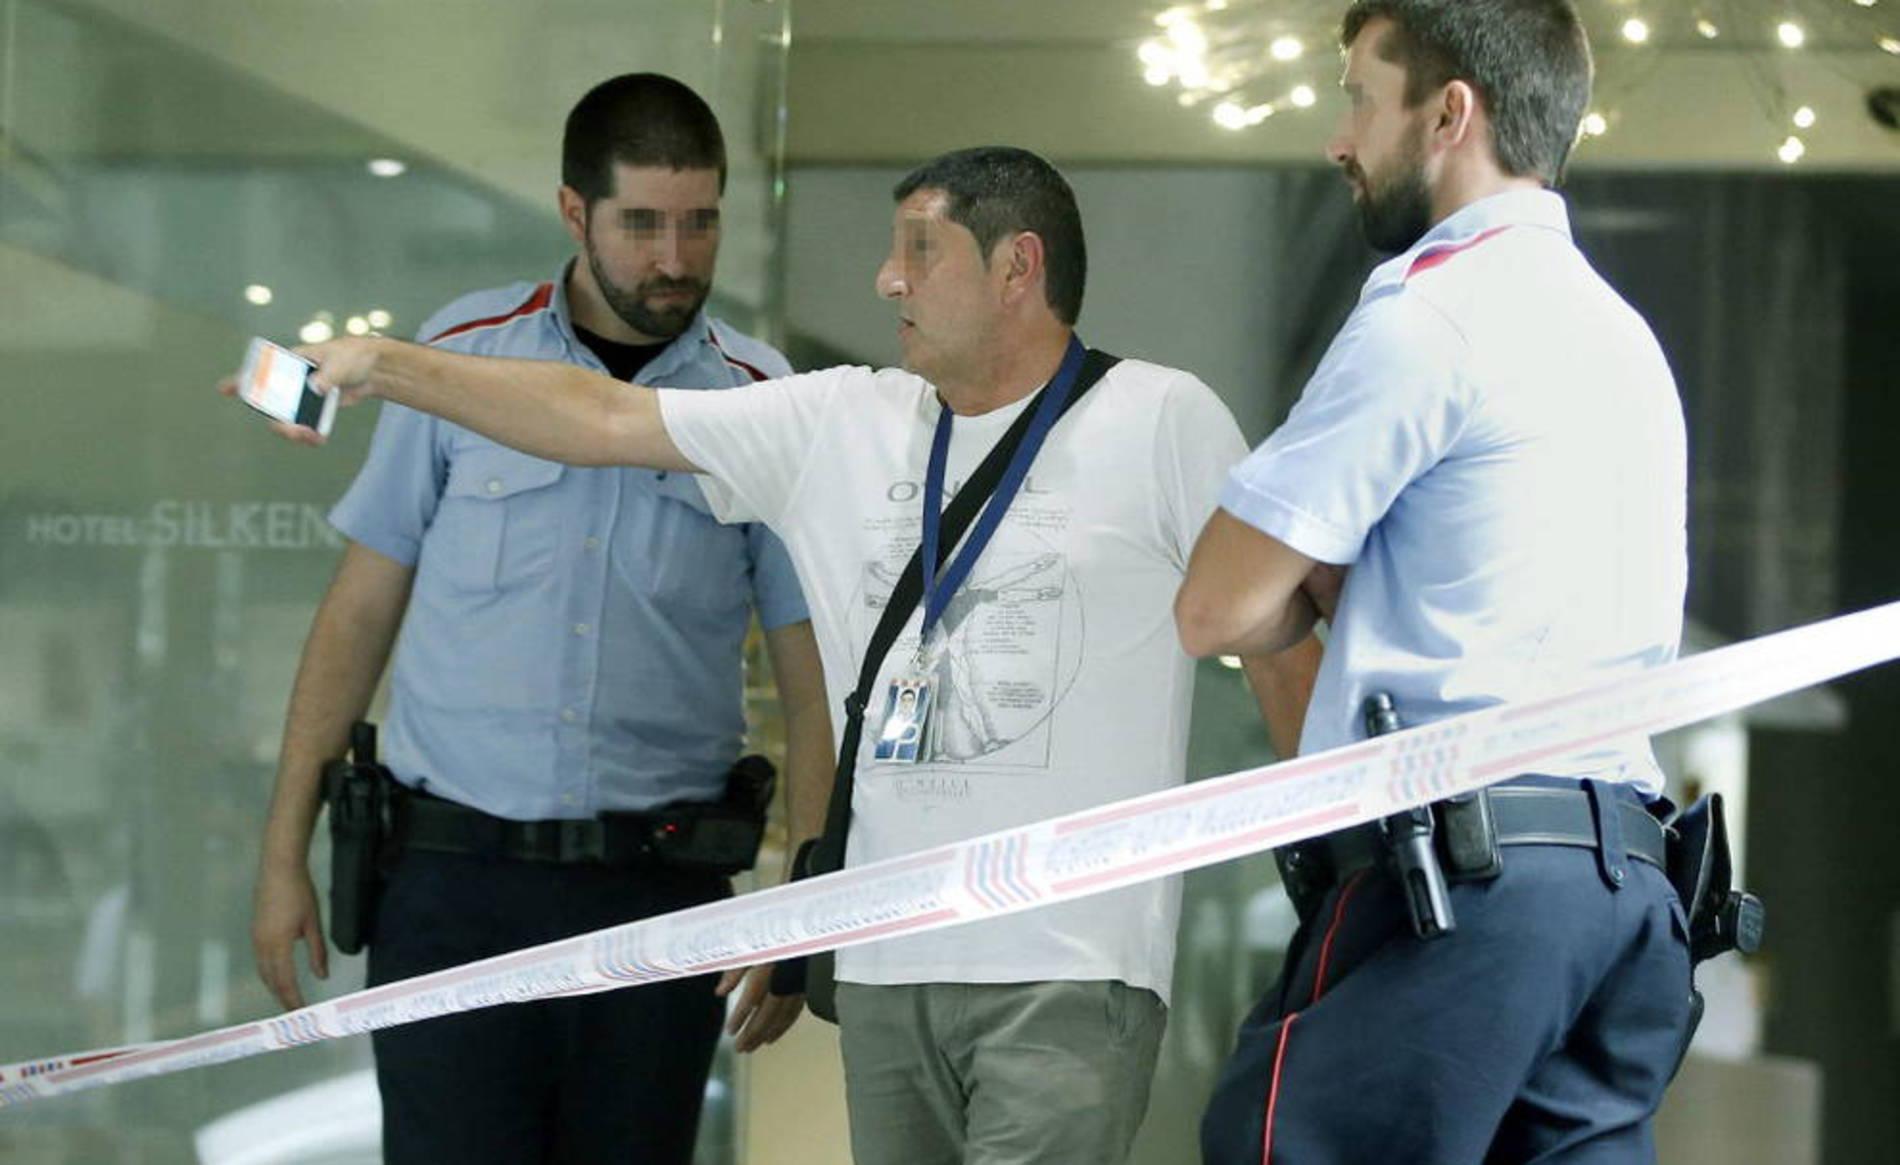 Tiroteo en la Rambla de Barcelona (1/6) - Agentes de policía en el Hotel Silken situado en la Rambla de Barcelona donde ha sucedido hoy un tiroteo en el que han resultado heridas varias personas. - Nacional -